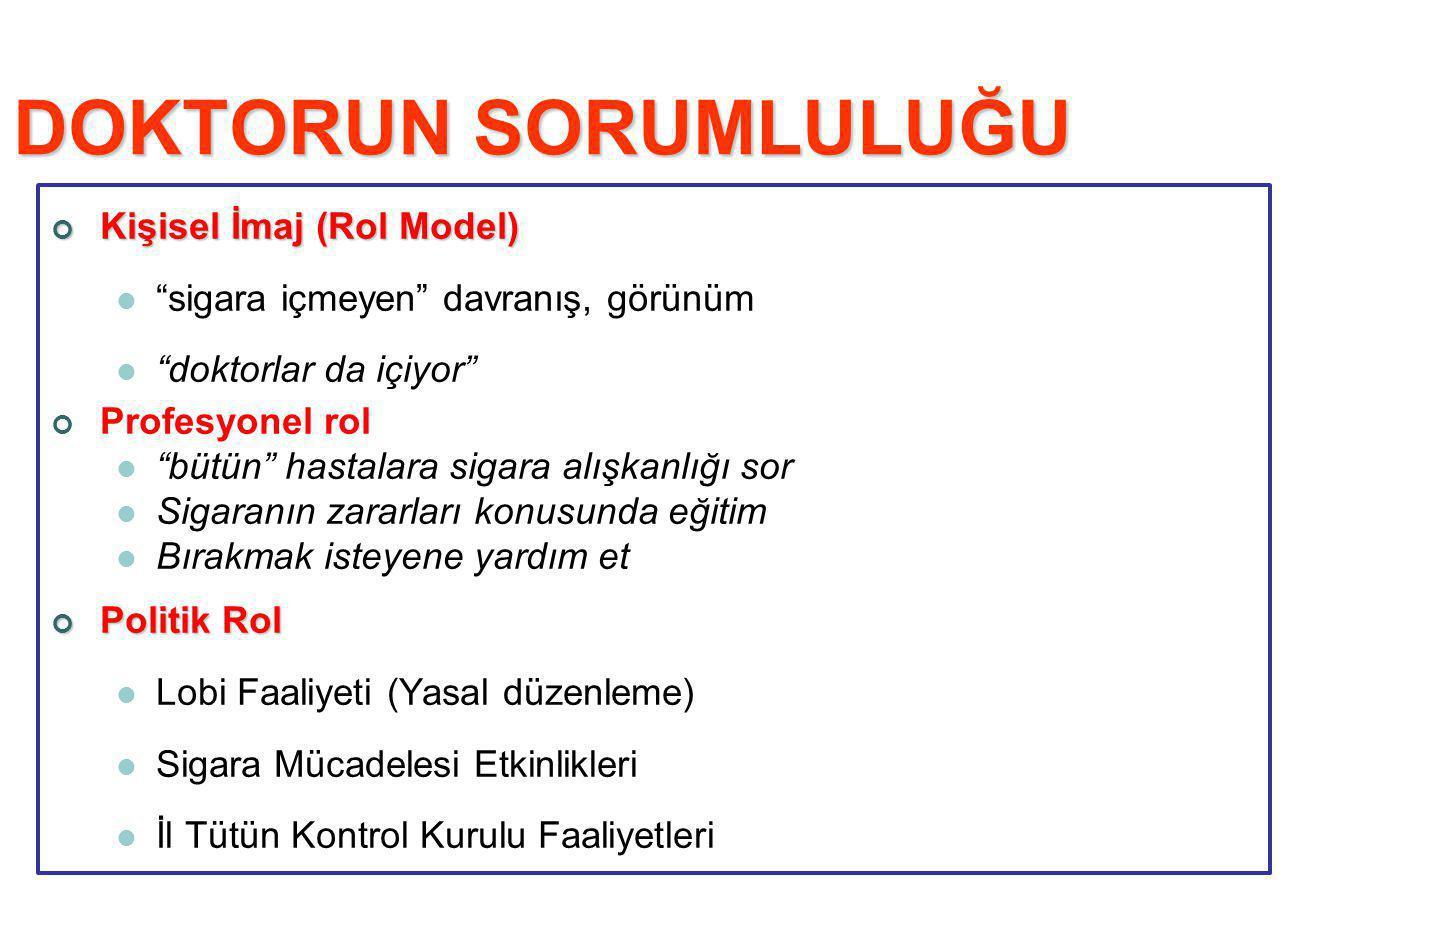 DOKTORUN SORUMLULUĞU Kişisel İmaj (Rol Model)